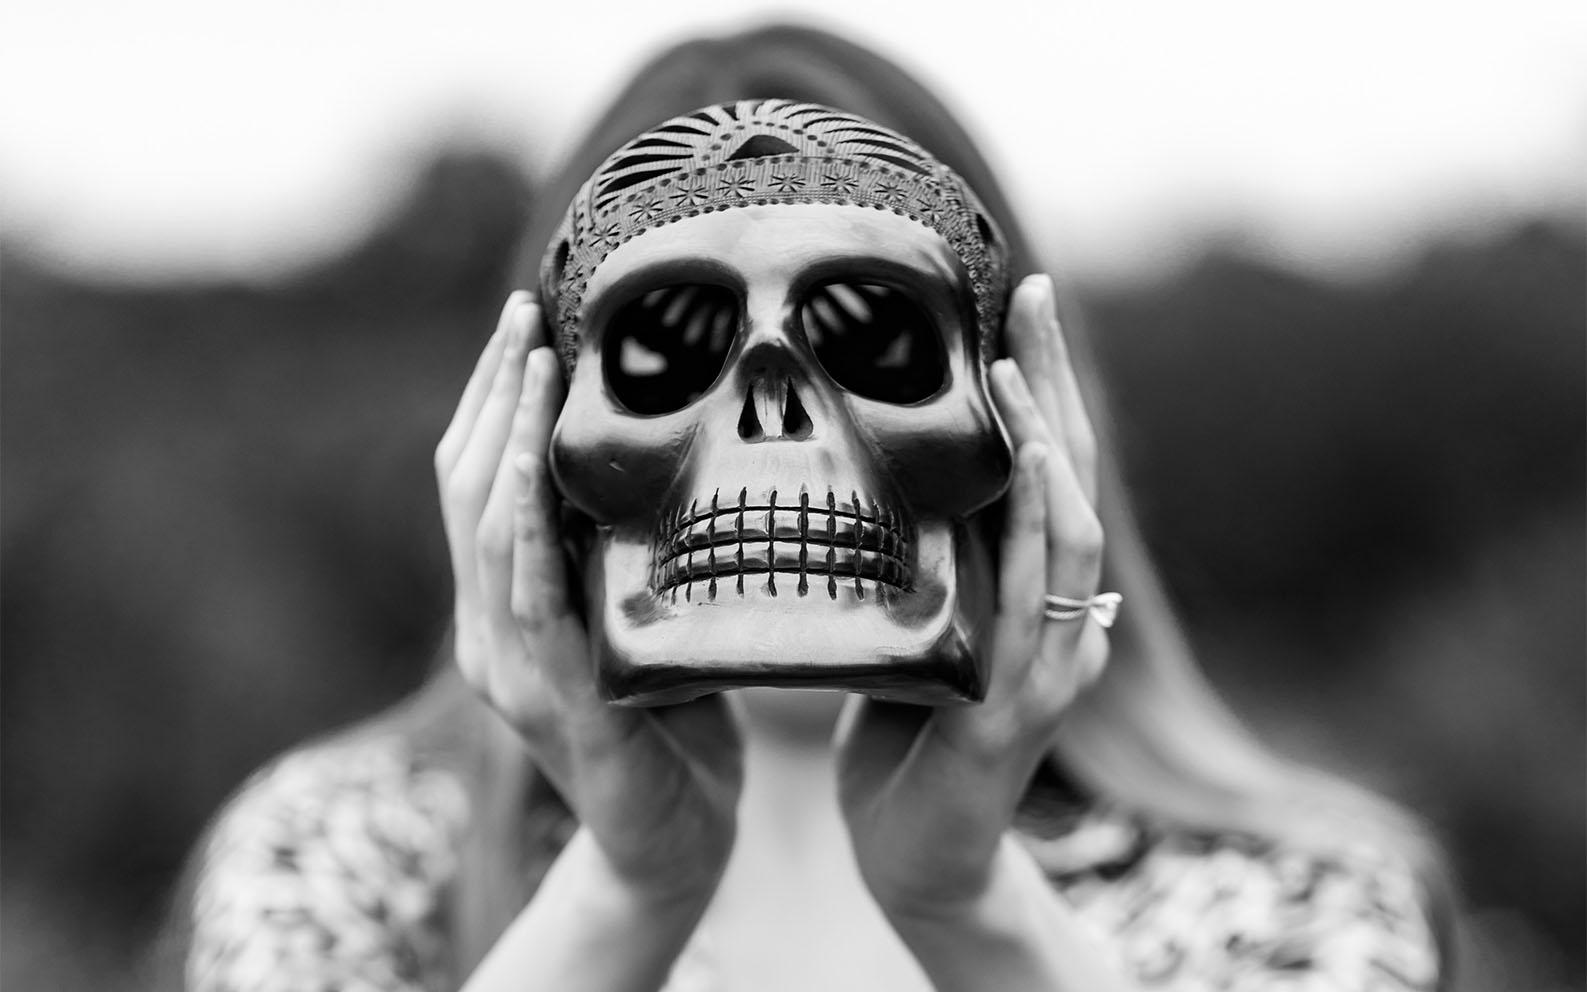 In diesem Post erfährst du, wie du deine natürliche Angst vor dem Tod dafür nutzen kannst, eine Vision zu entwickeln, Ziele zu definieren und endlich ins Tun und Handeln zu kommen.